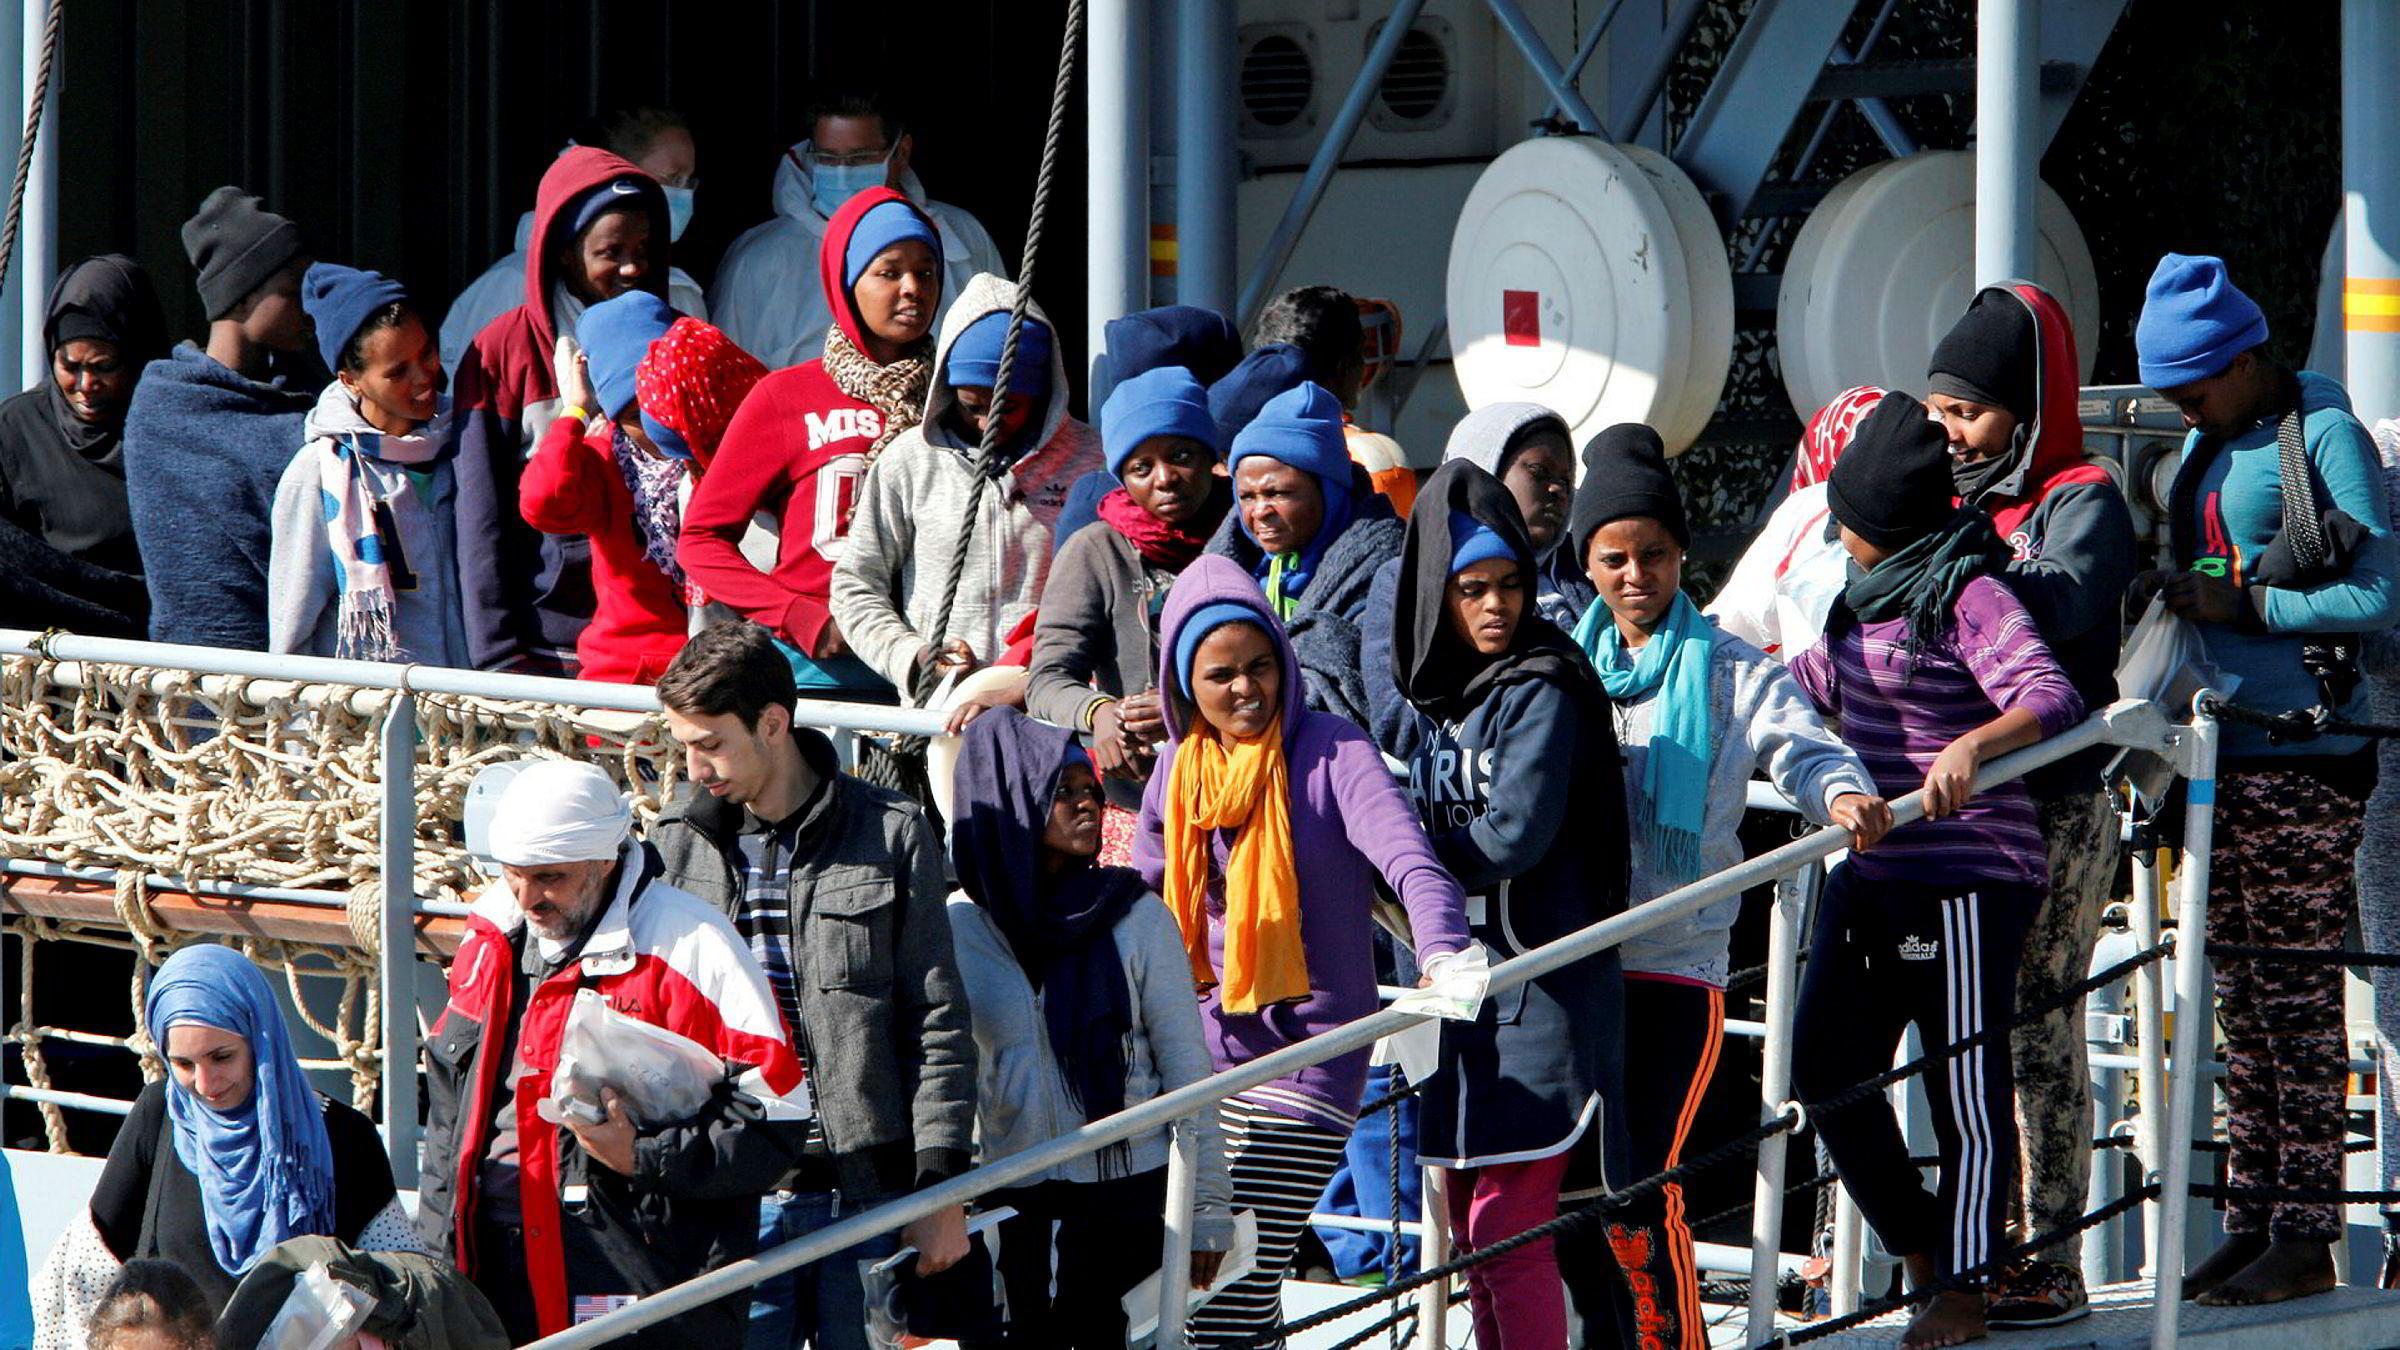 Den italienske studien viser at effekter på kriminalitet av oppholdstillatelse er et vanskelig empirisk spørsmål, fordi de som får oppholdstillatelse, er ulik de som ikke får. Her ankommer migranter den sicilianske havnen, Catania. Foto: